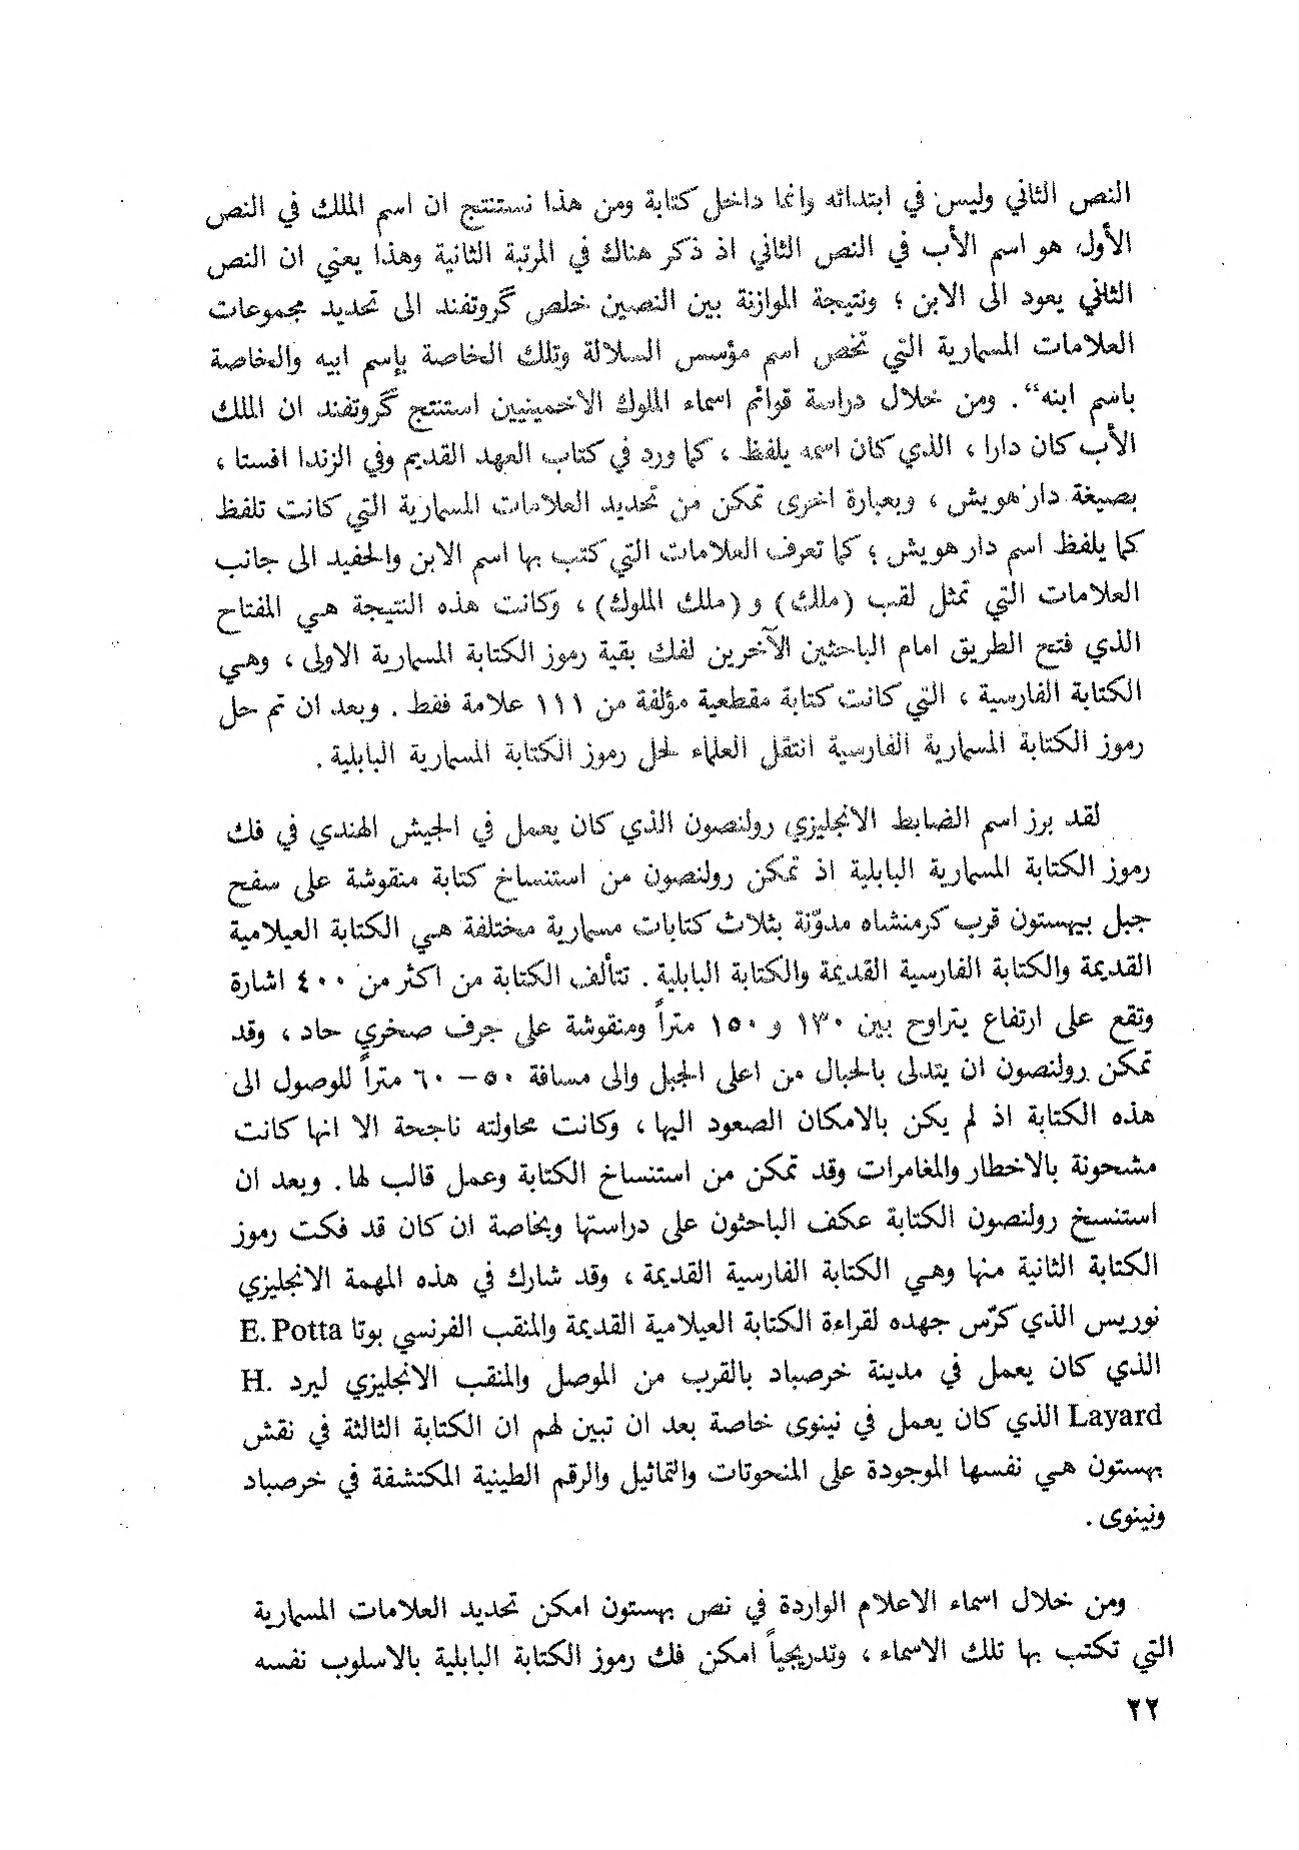 الكتابة المسمارية عامر سليمان Free Download Borrow And Streaming Internet Archive Internet Archive Texts Books